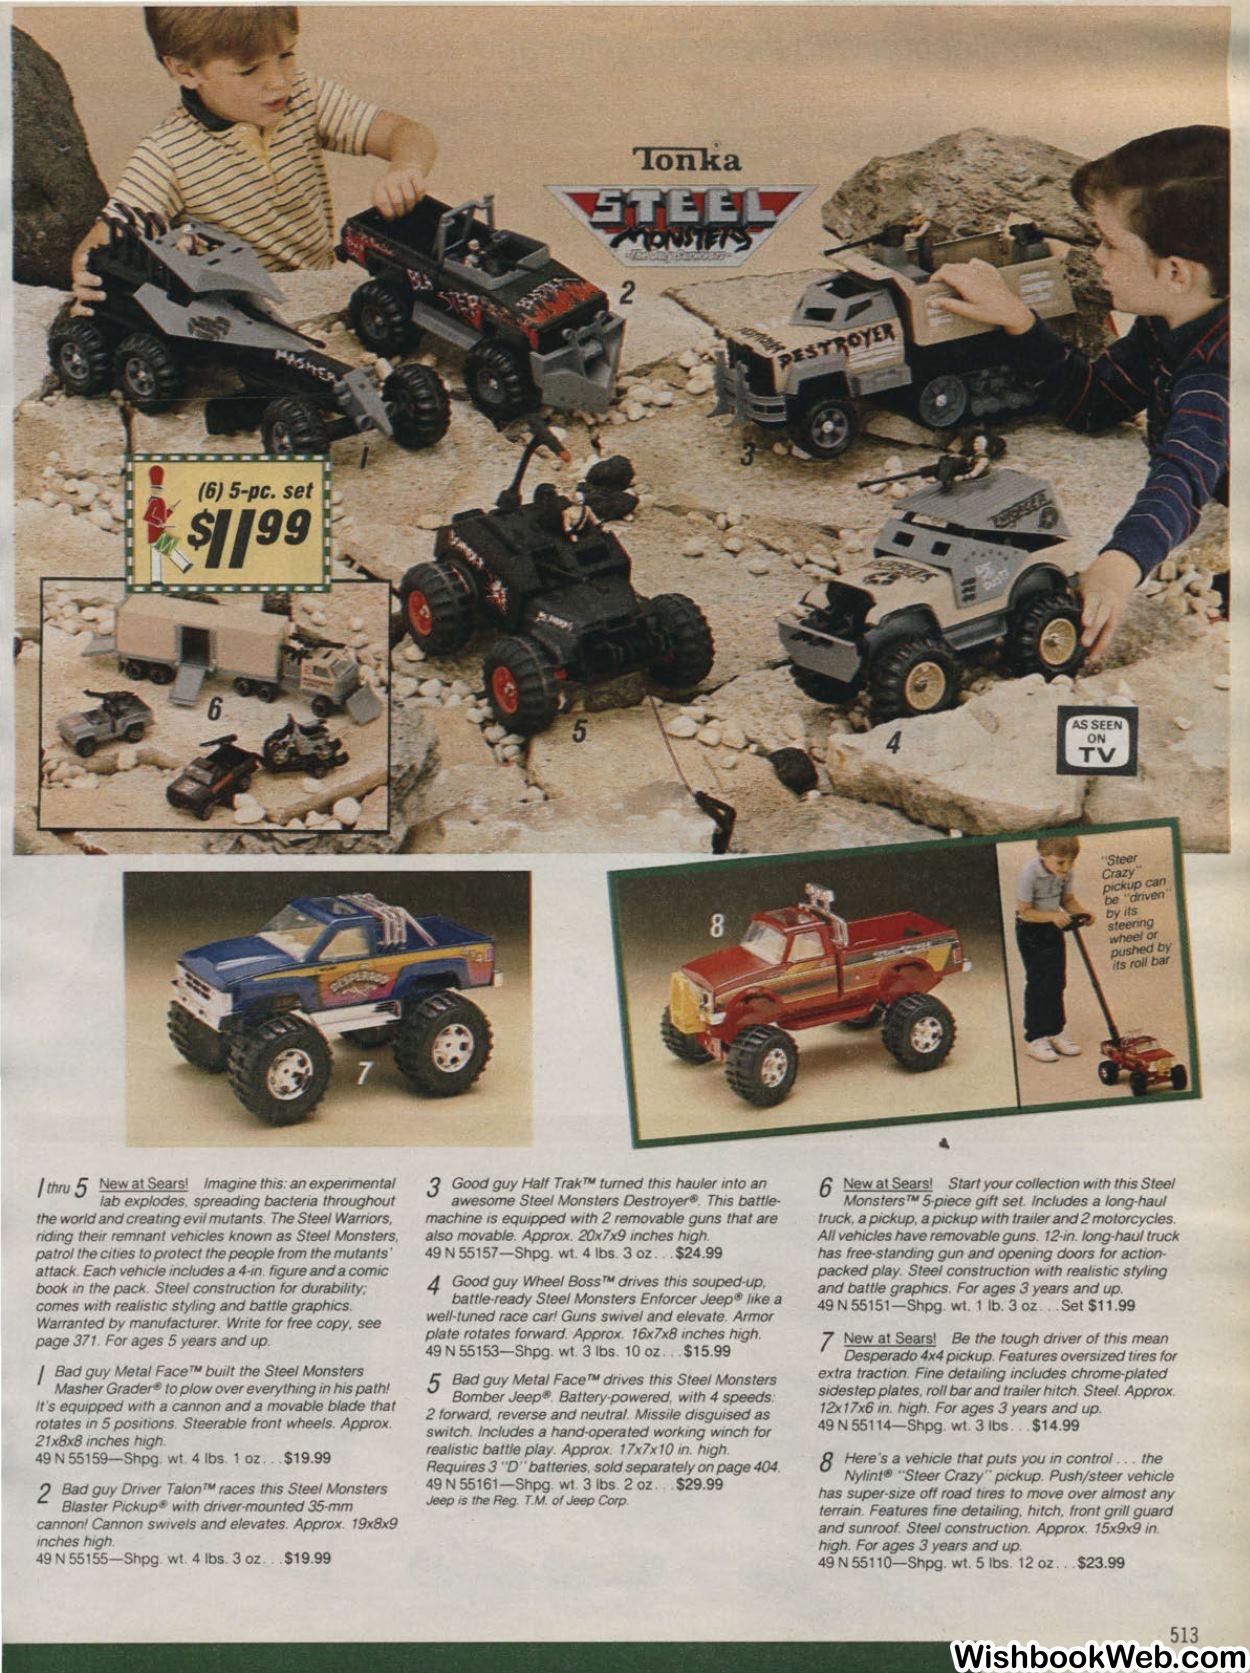 Sears Wishbook, 1986. Source:  wishbookweb.com